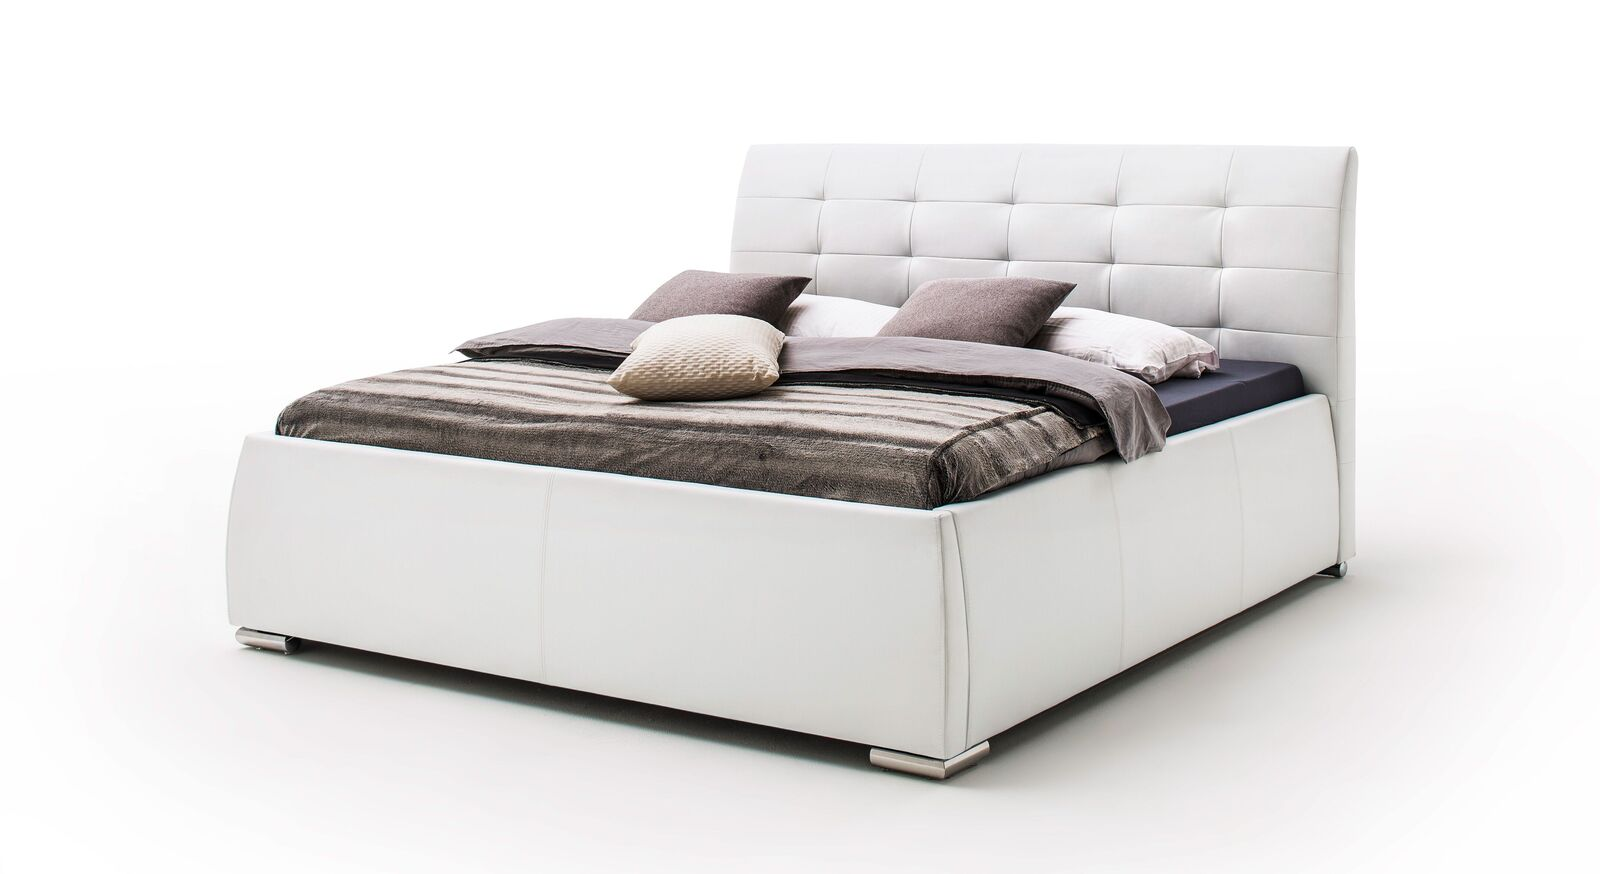 Bett Pungo aus weißem Kunstleder